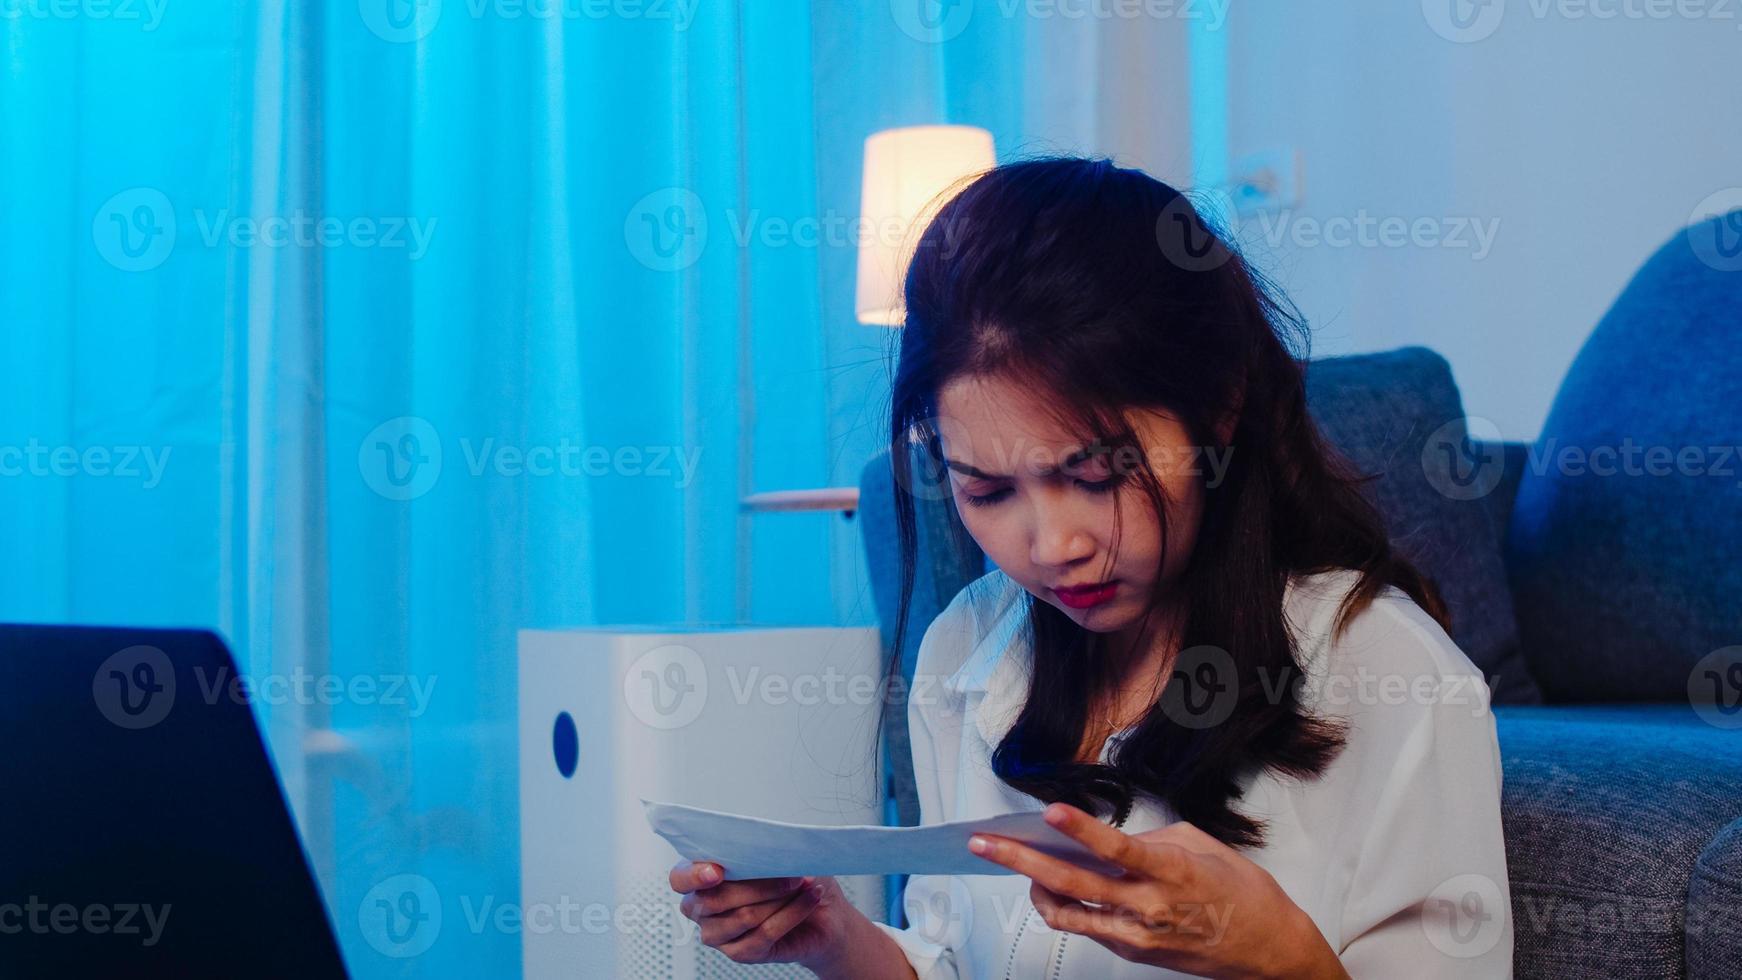 les femmes asiatiques fatiguées se sentent stressées à cause de problèmes financiers à la maison. travail à domicile surchargé la nuit, travail à distance, auto-isolement, distanciation sociale, quarantaine pour la prévention des coronavirus. photo